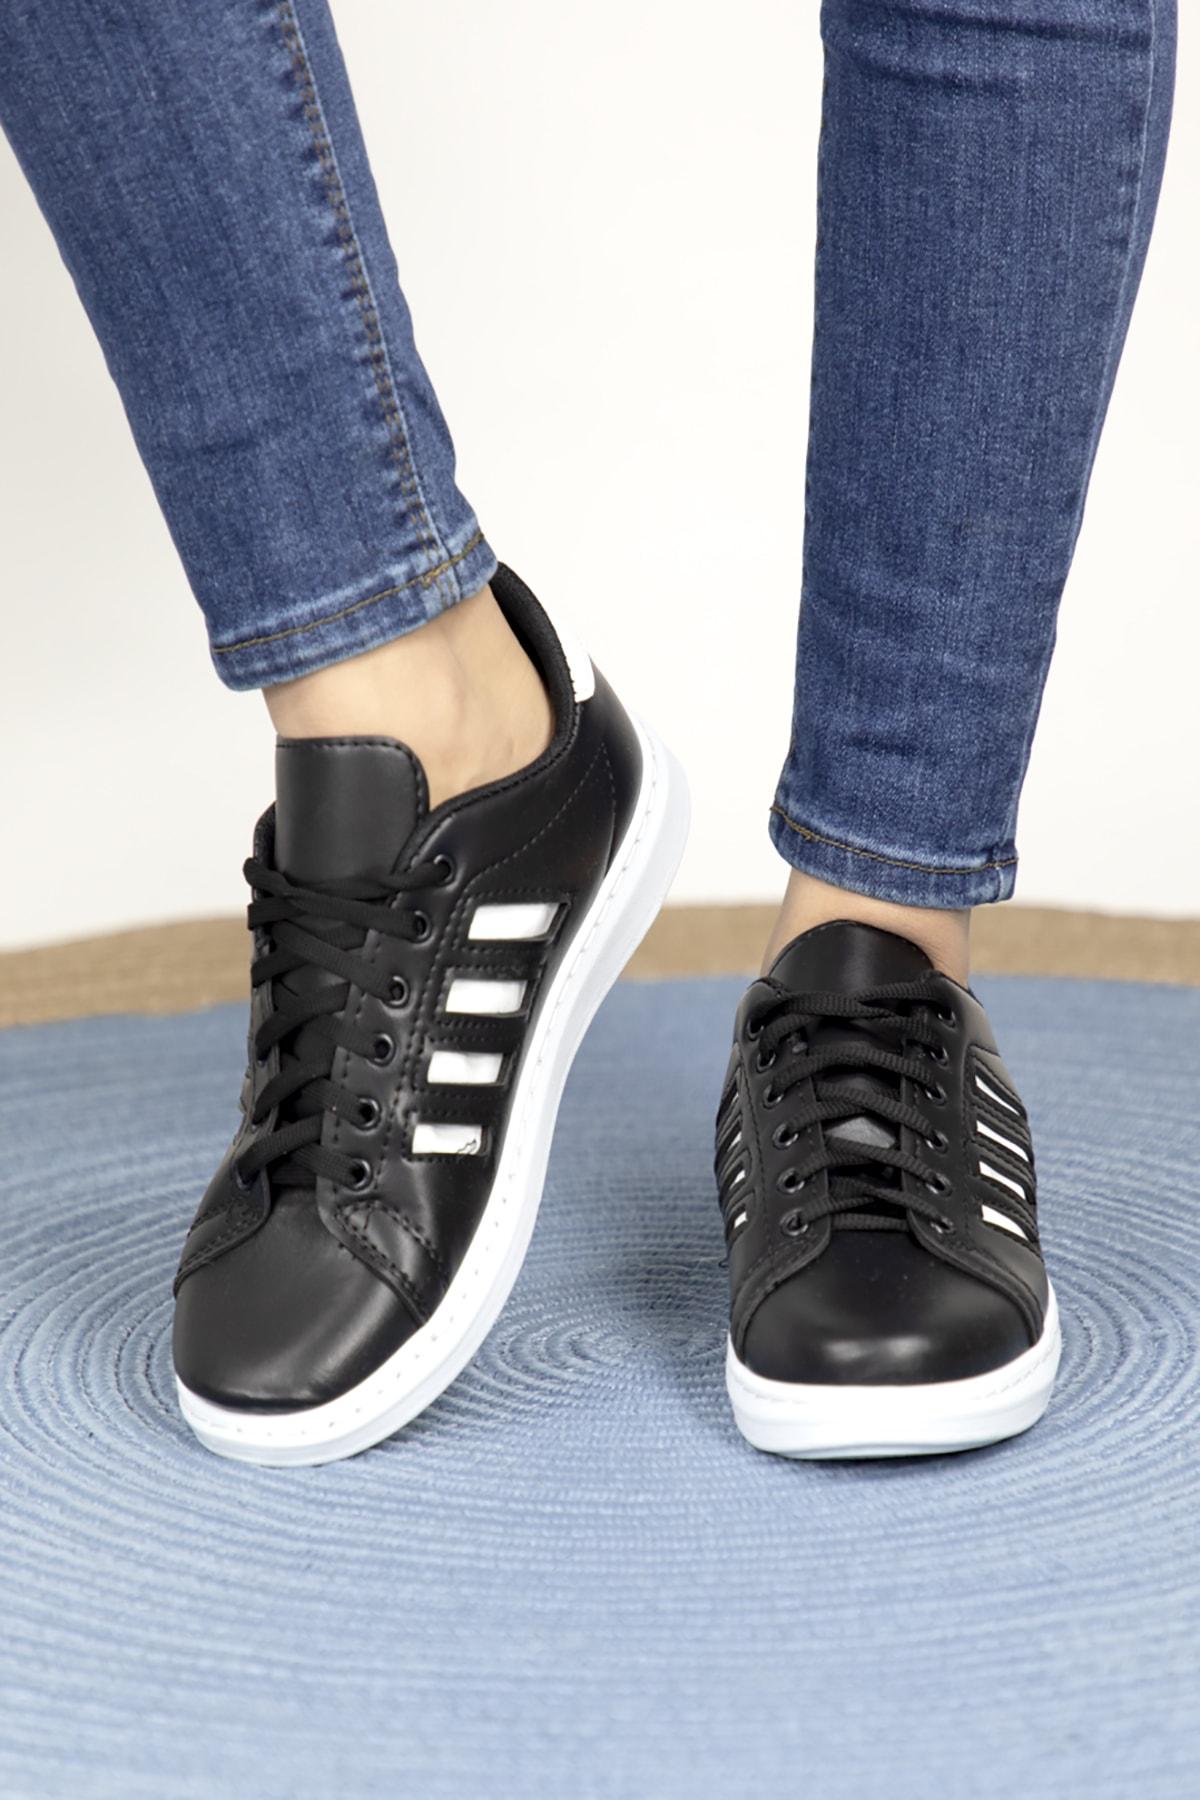 MODANOİVA Kadın Siyah Beyaz Spor Ayakkabı-1021-105-0005-a84